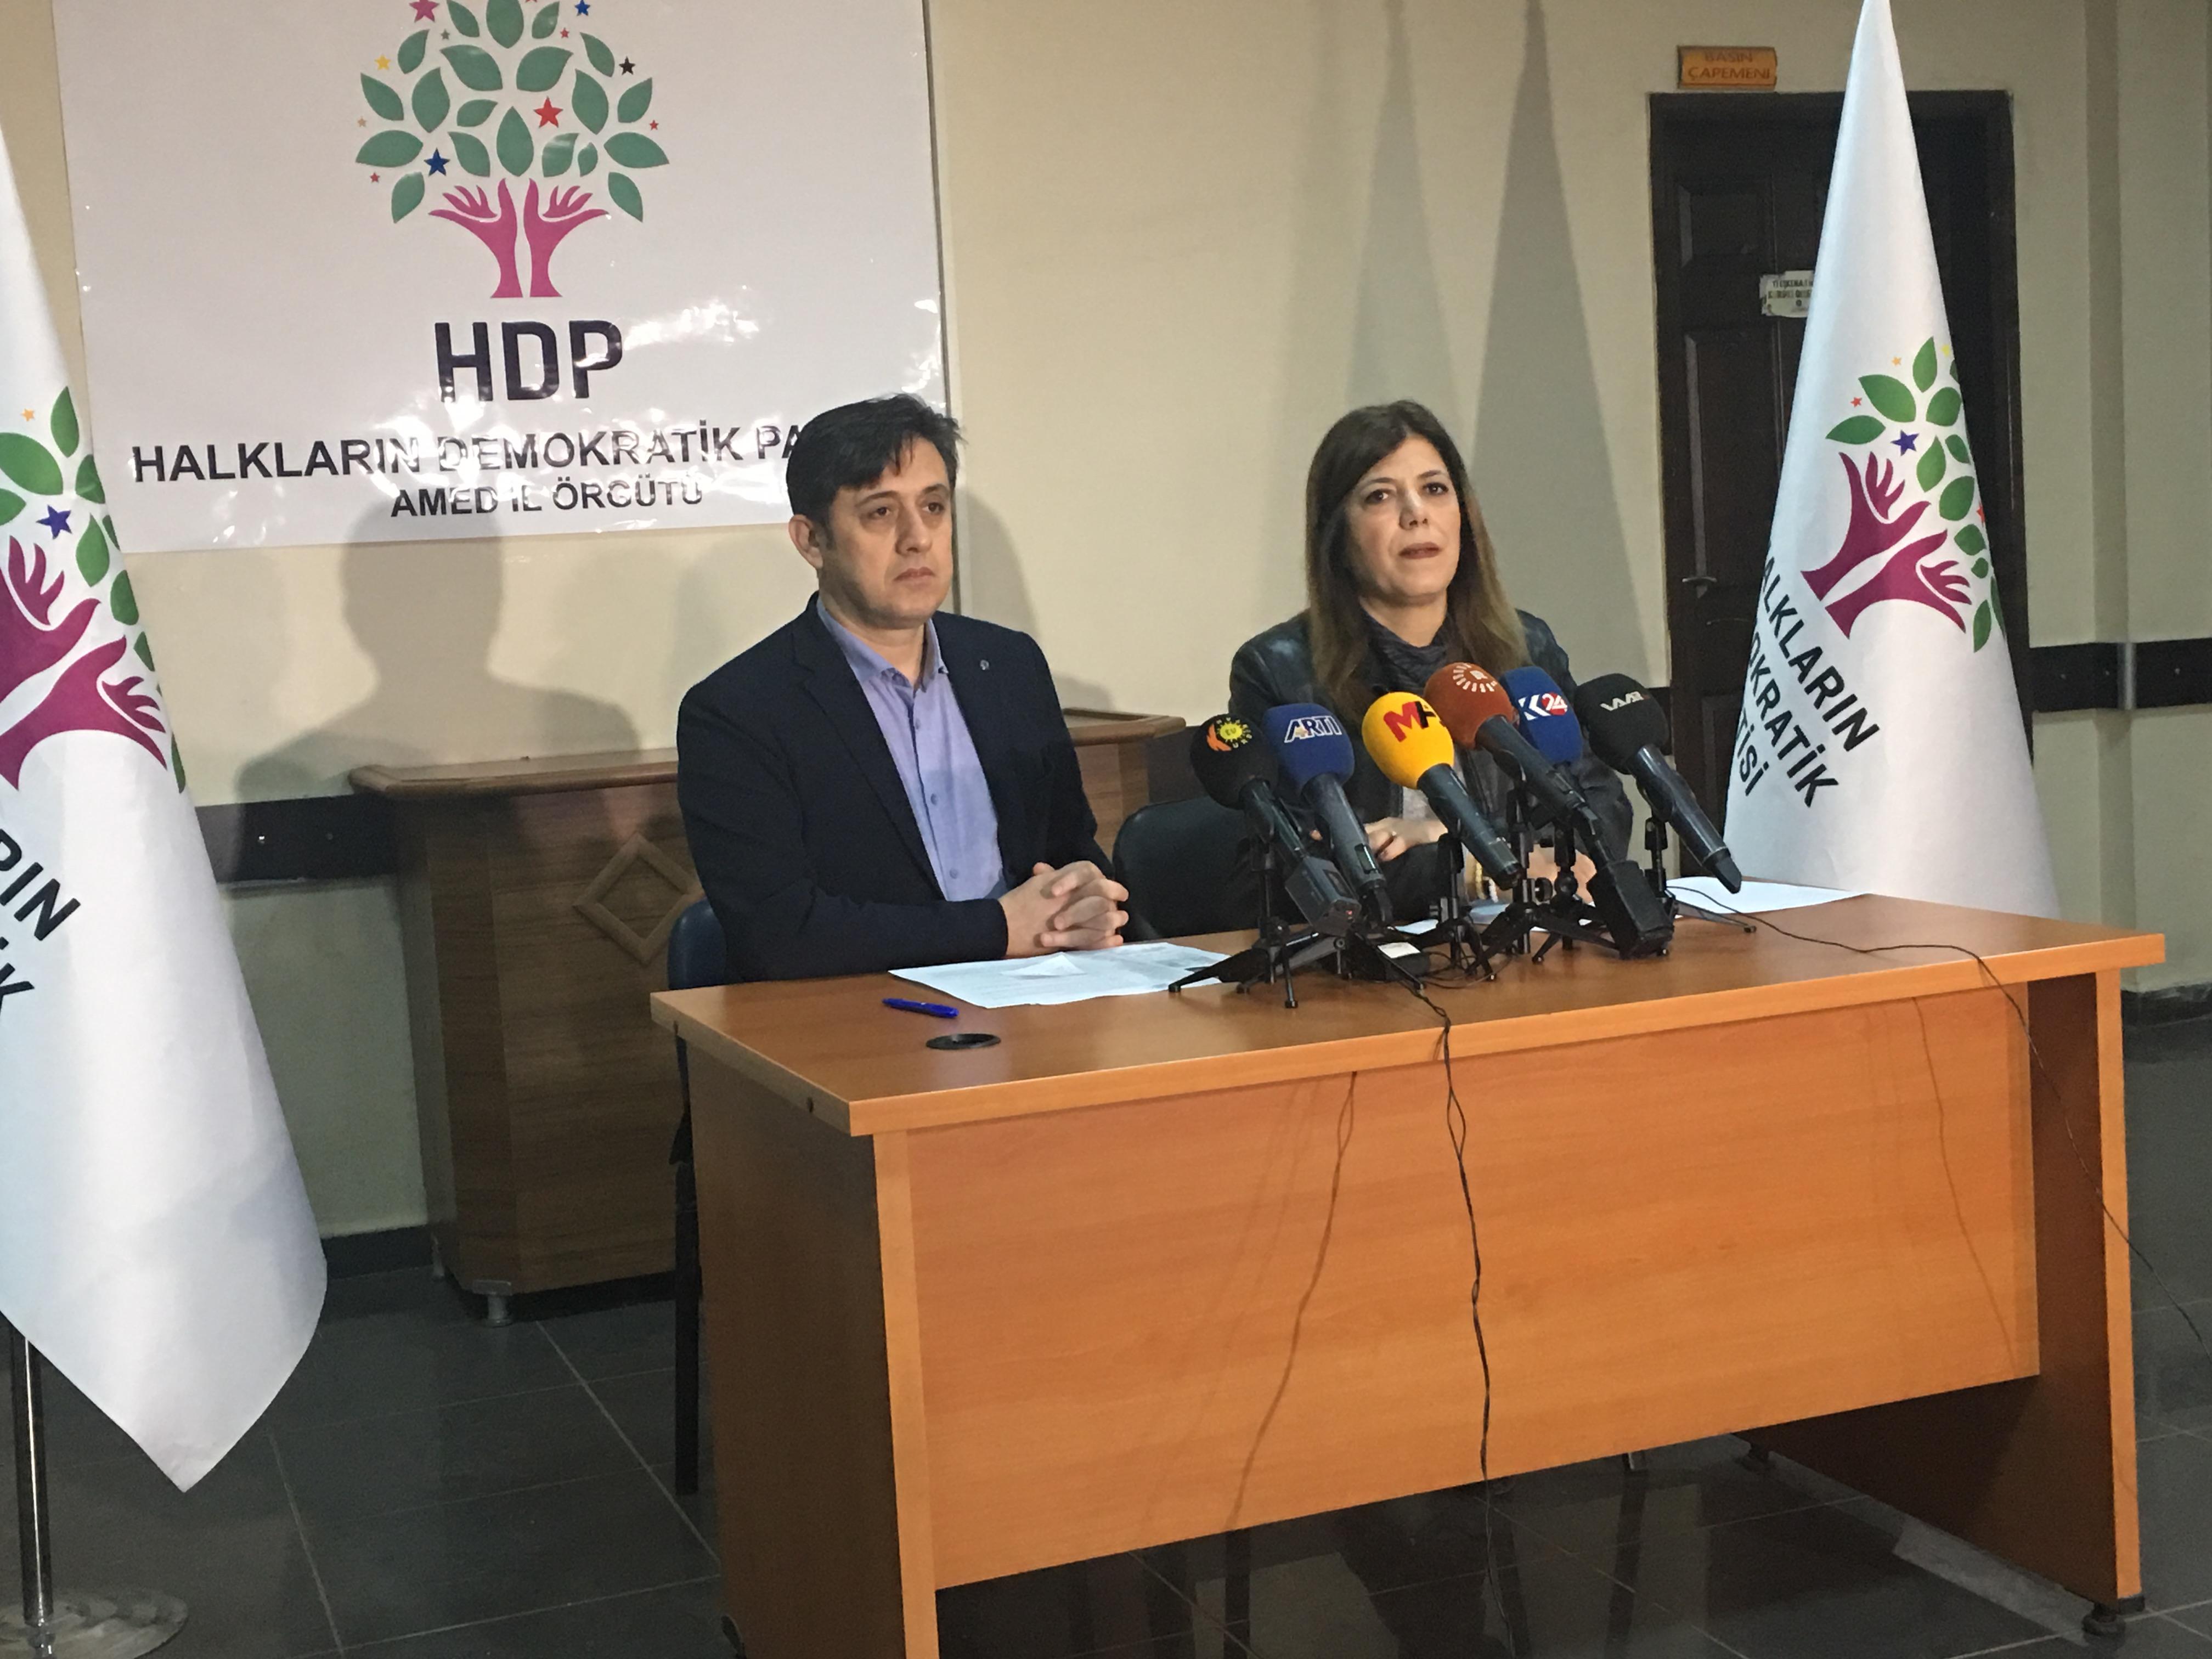 VİDEO- HDP'den seçmenlerine seçim güvenliği çağrısı